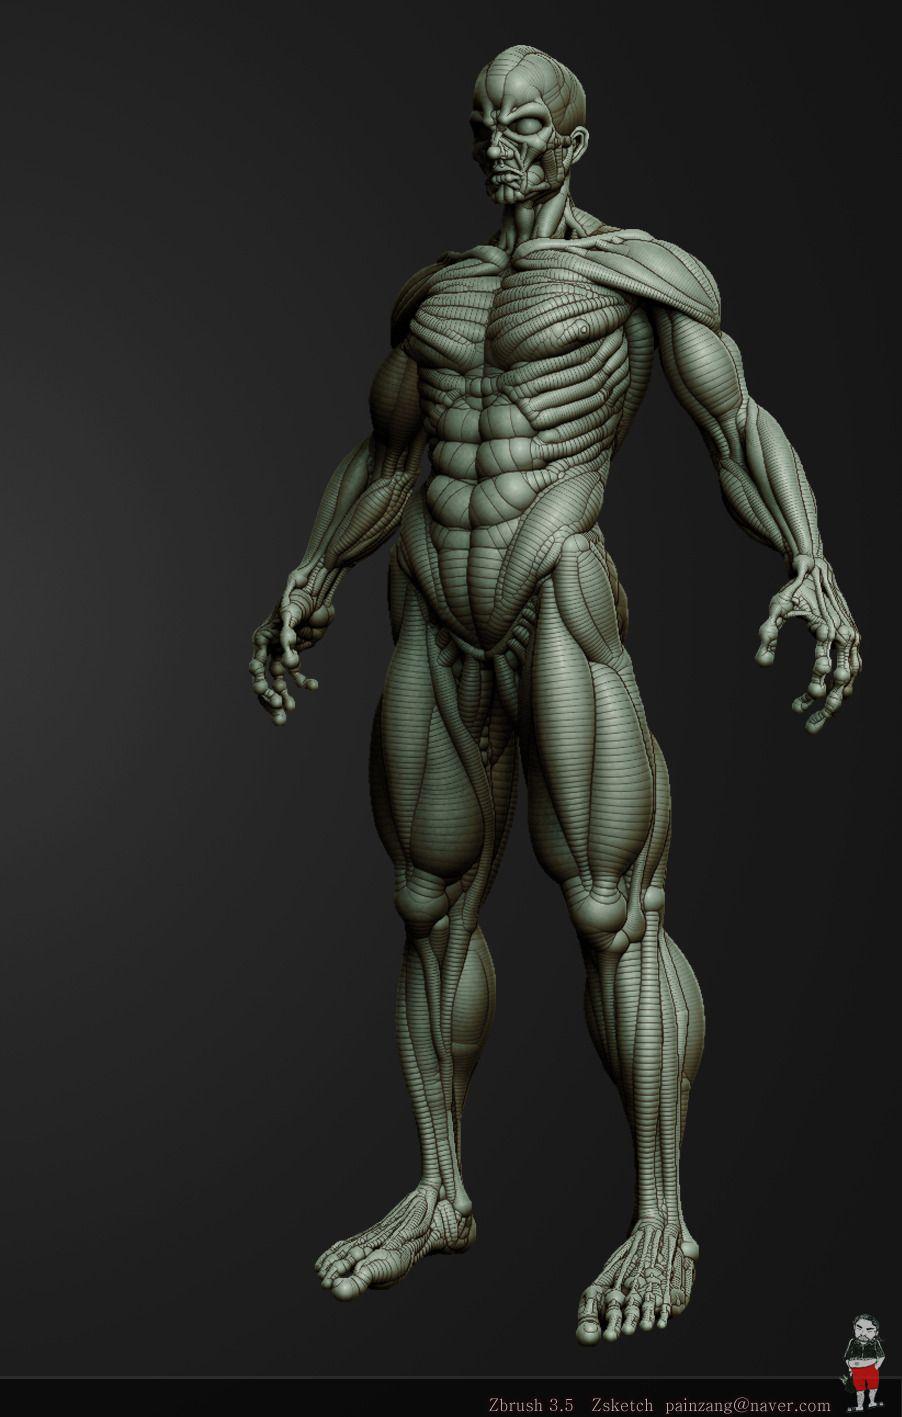 월향백화 :: [Zbrush] Anatomy Zsketch | zbrush figuretiv | Pinterest